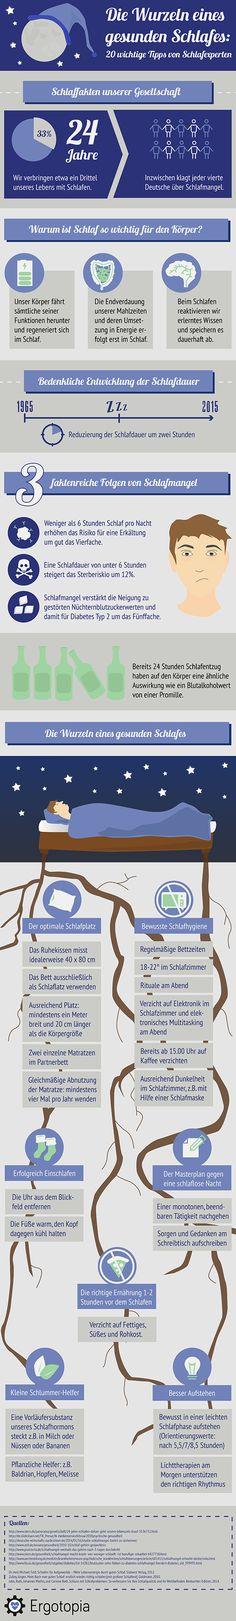 [Infografik] Die Wurzeln eines gesunden Schlafes: 20 Expertentipps eines gesunden Schlafes